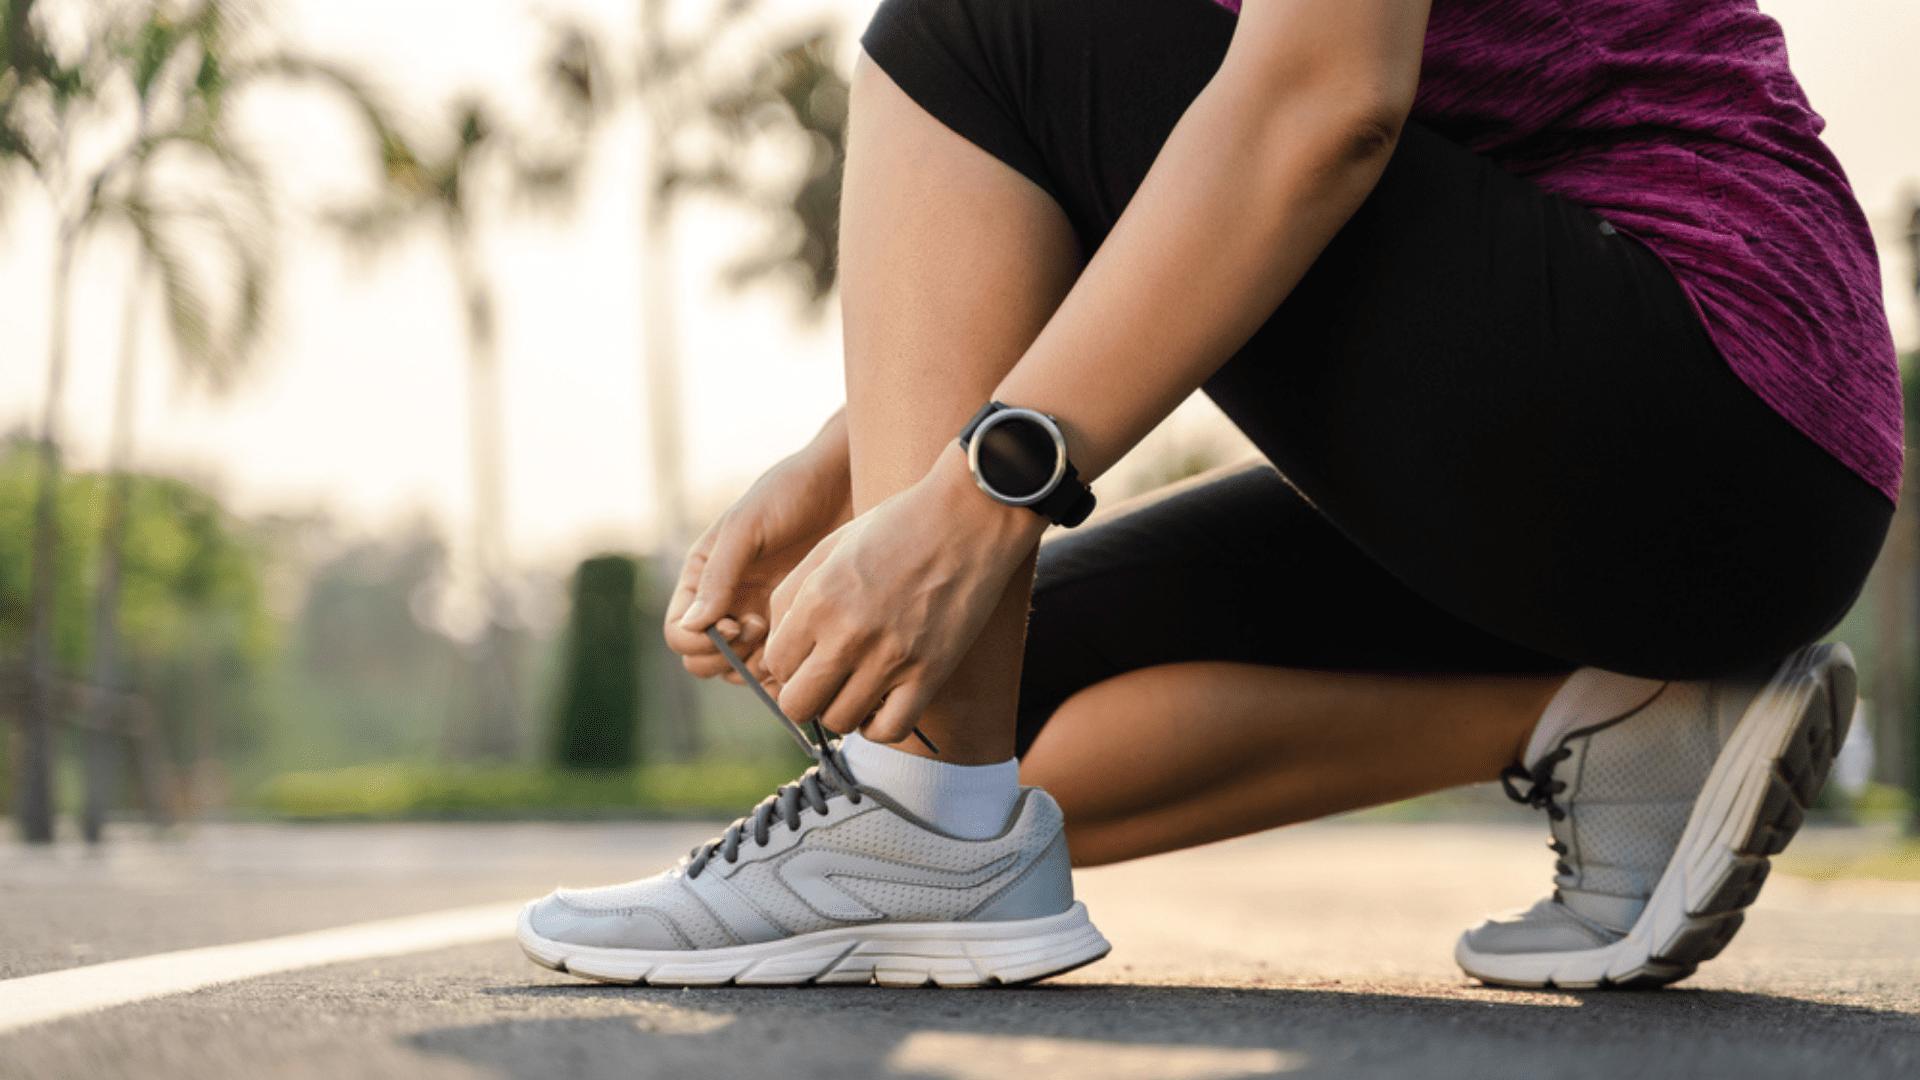 O tênis de corrida possui vida útil de 500 a 750km (Imagem: Reprodução/Shutterstock)